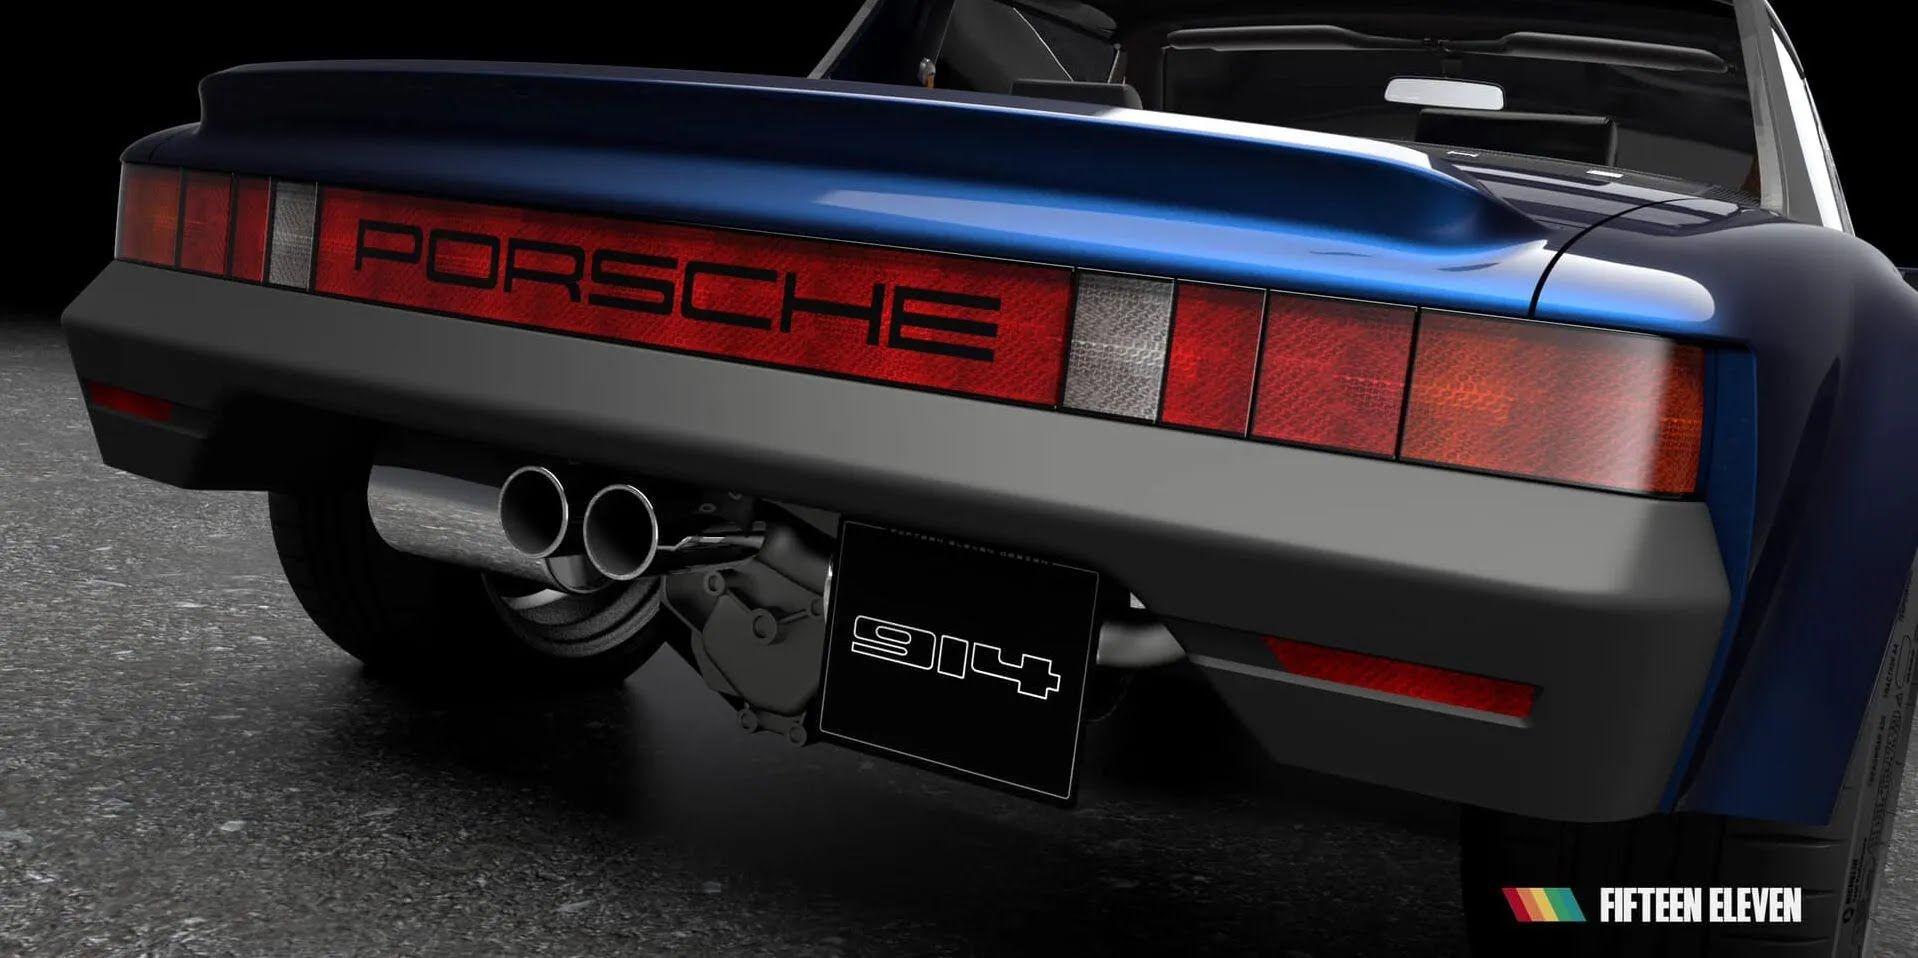 Автомобиль получит 295-сильный 6-цилиндровый оппозитный мотор объемом 3,4 л от Porsche Cayman S